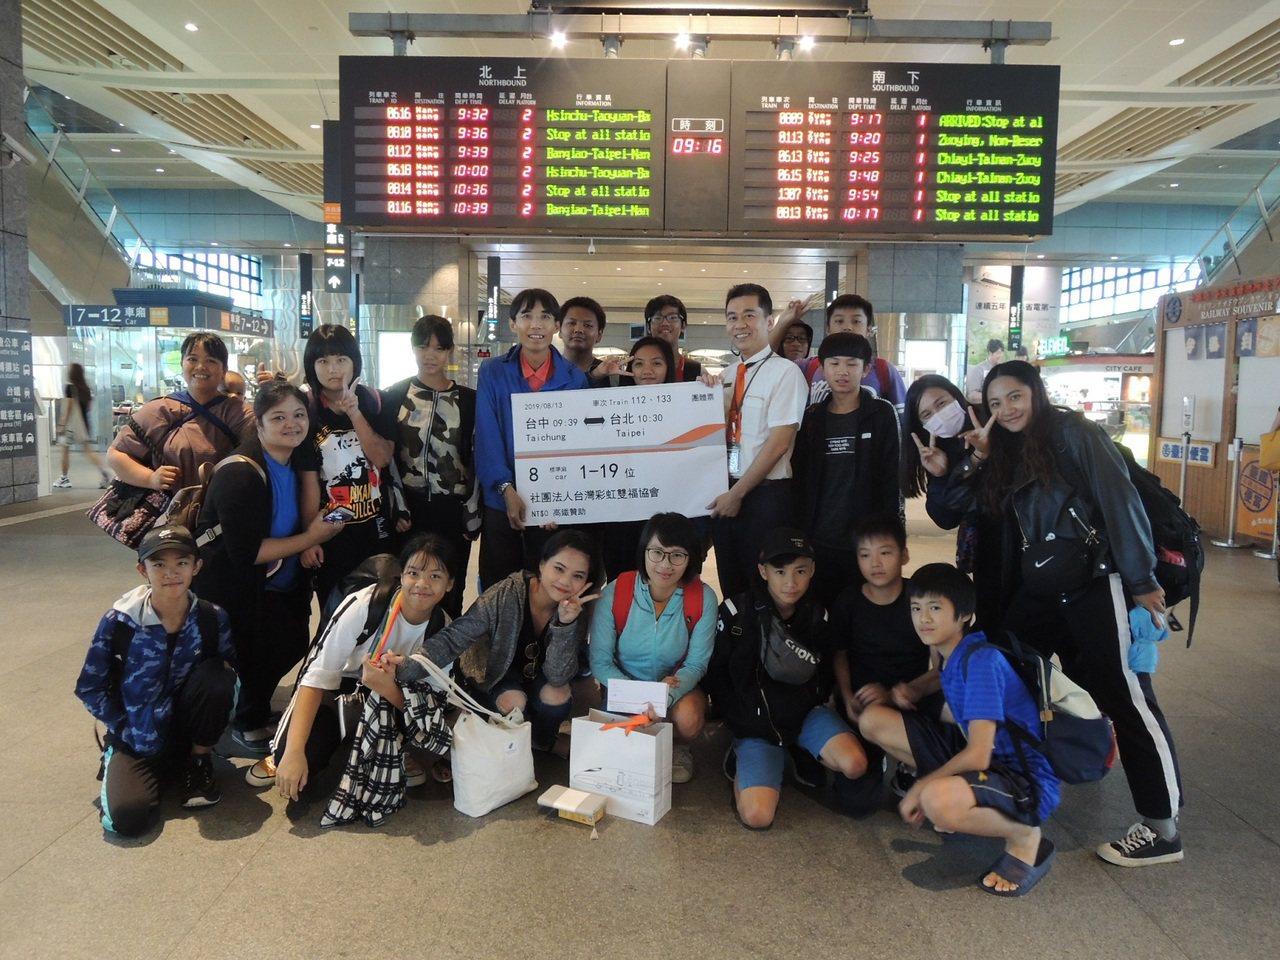 台灣高鐵公司致贈車票給南投彩虹雙福協會。圖/台灣高鐵公司提供